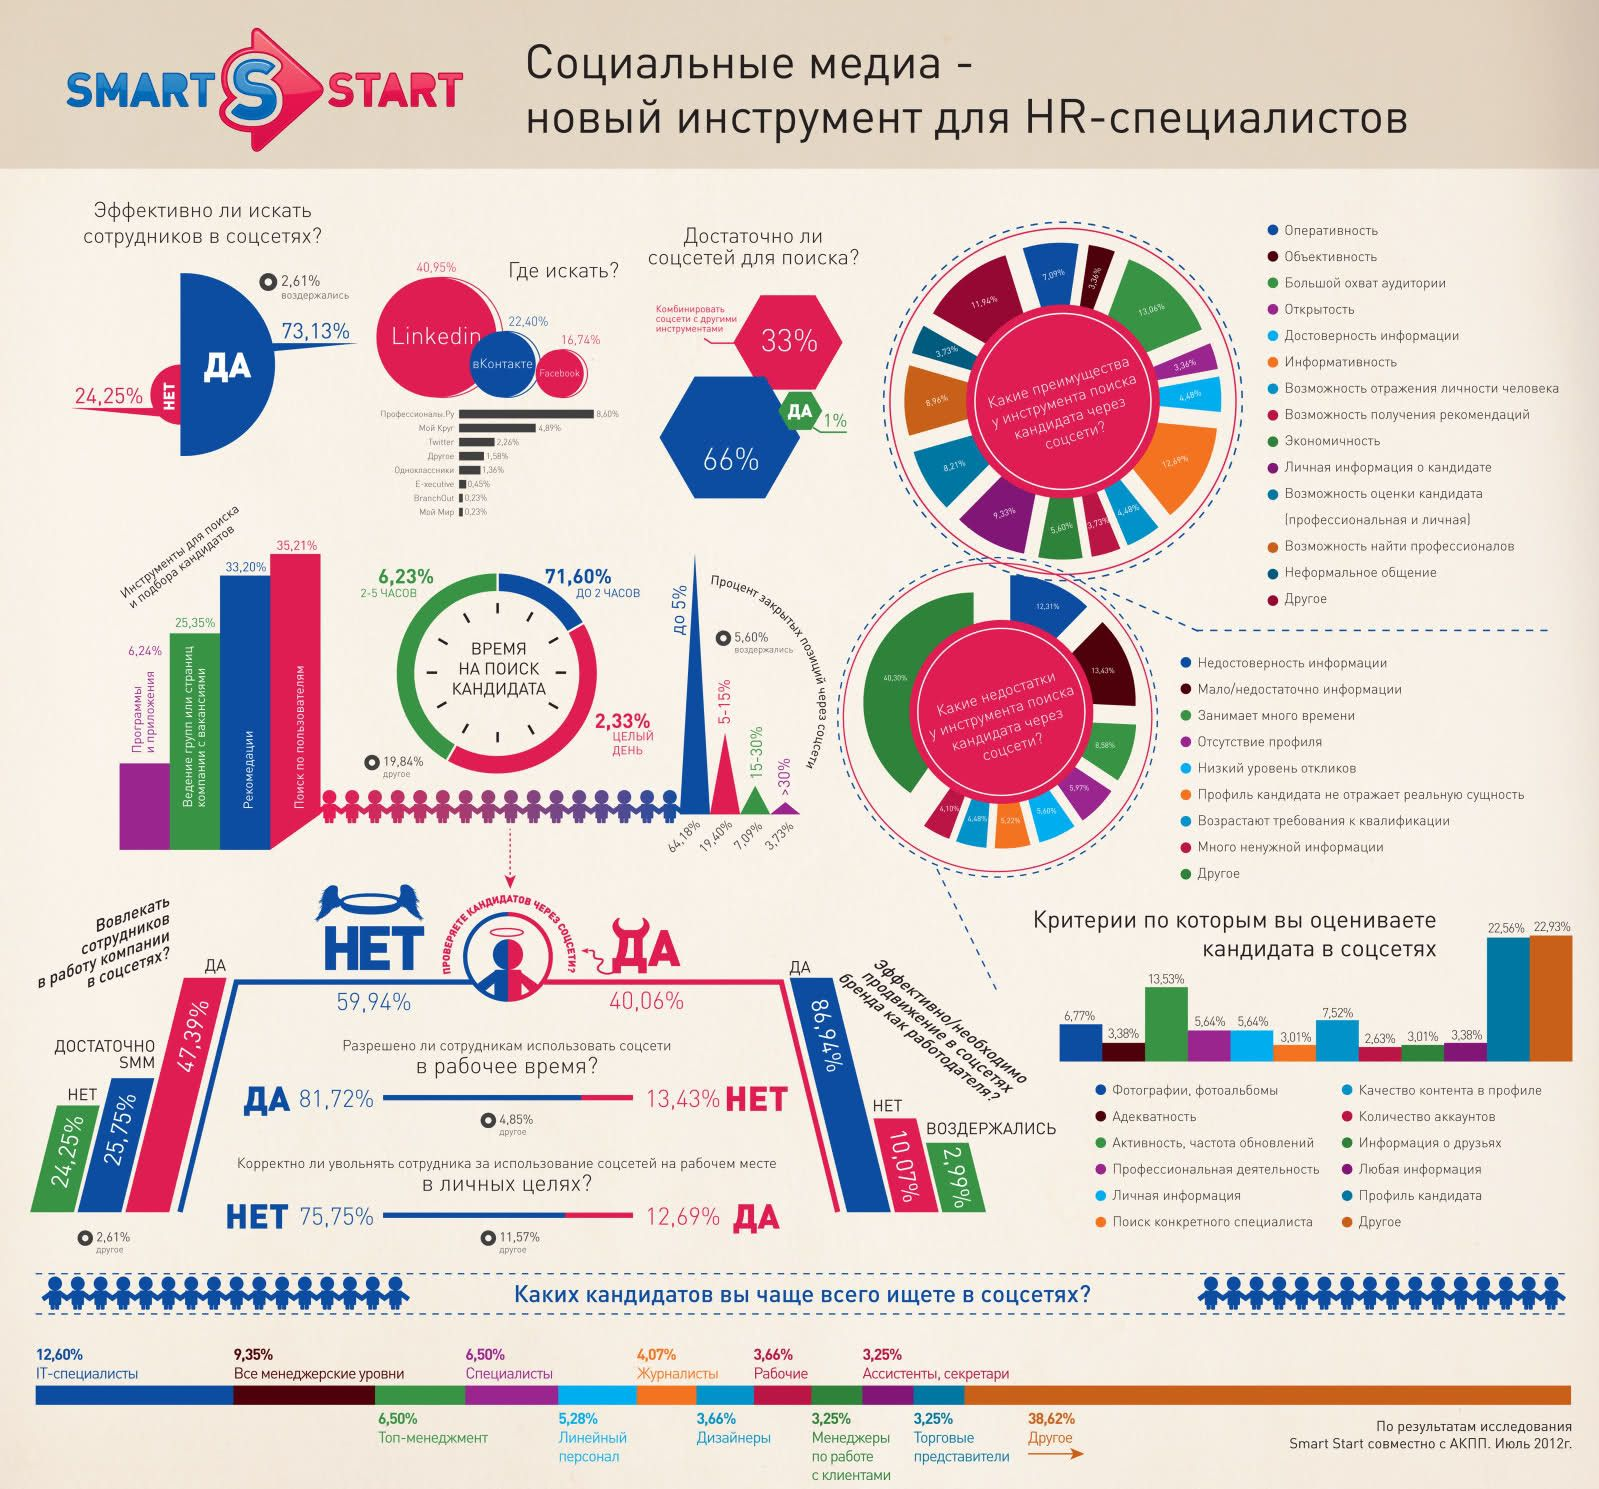 Социальные медиа - новый инструмент для HR-специалистов